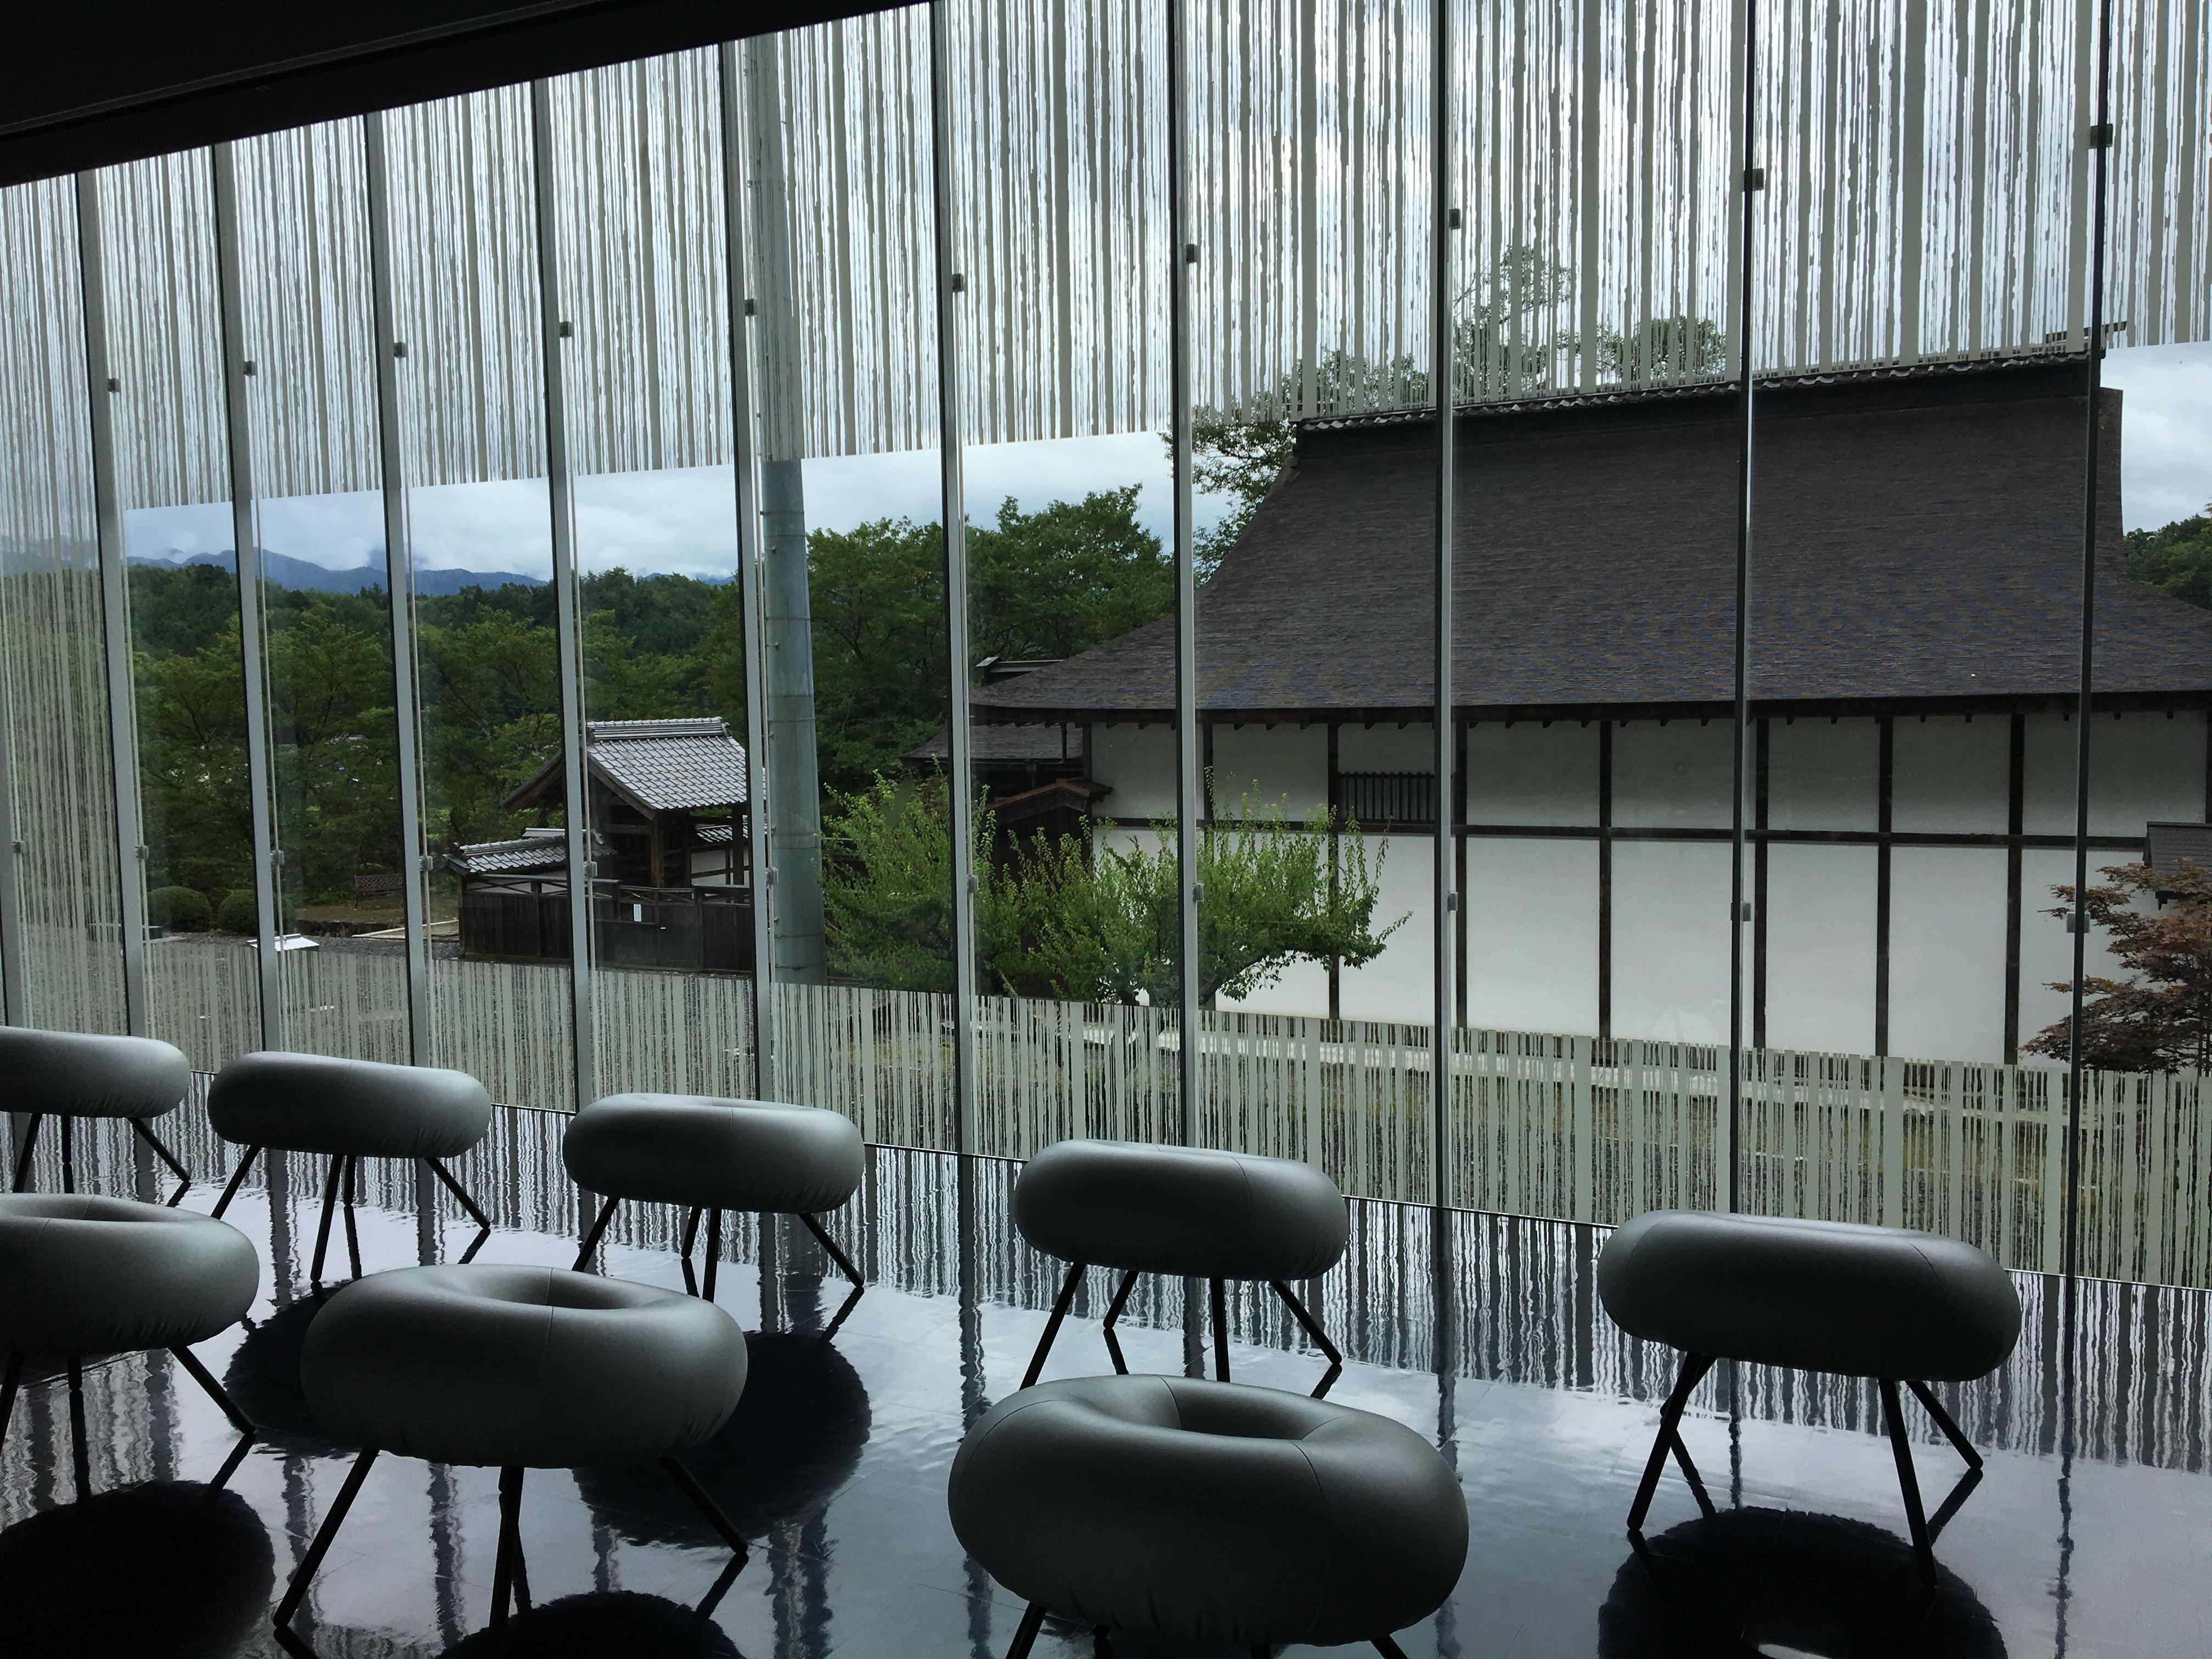 資料館内部から書院を見たところ。ガラスに刷られた模様も効果的。